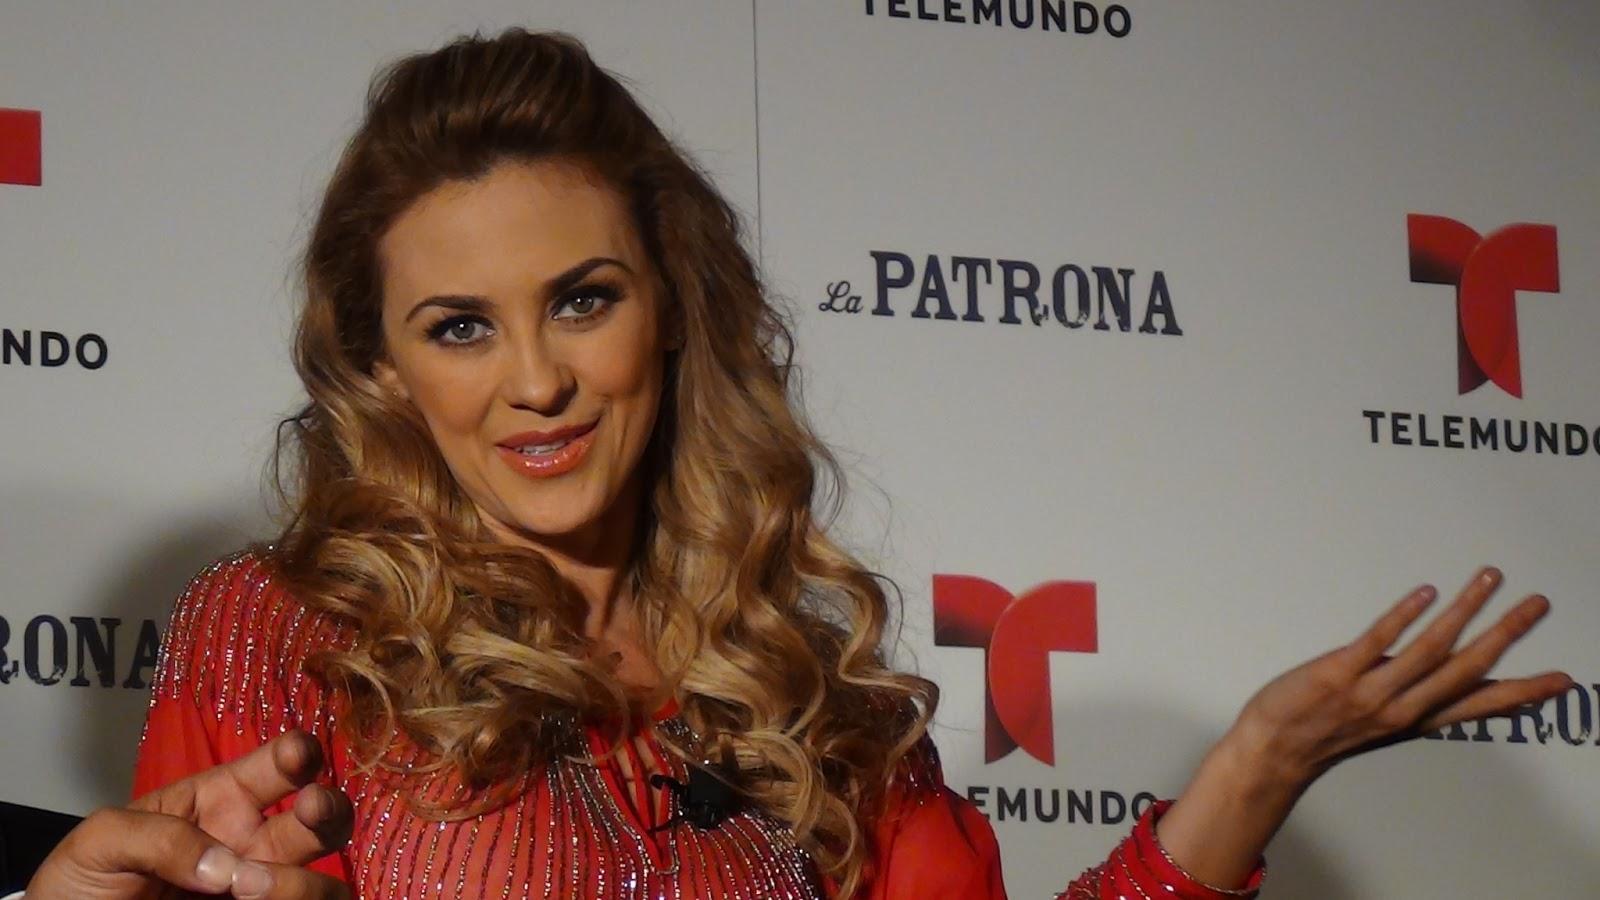 ... Los Angeles la nueva telenovela original de Telemundo: 'La Patrona